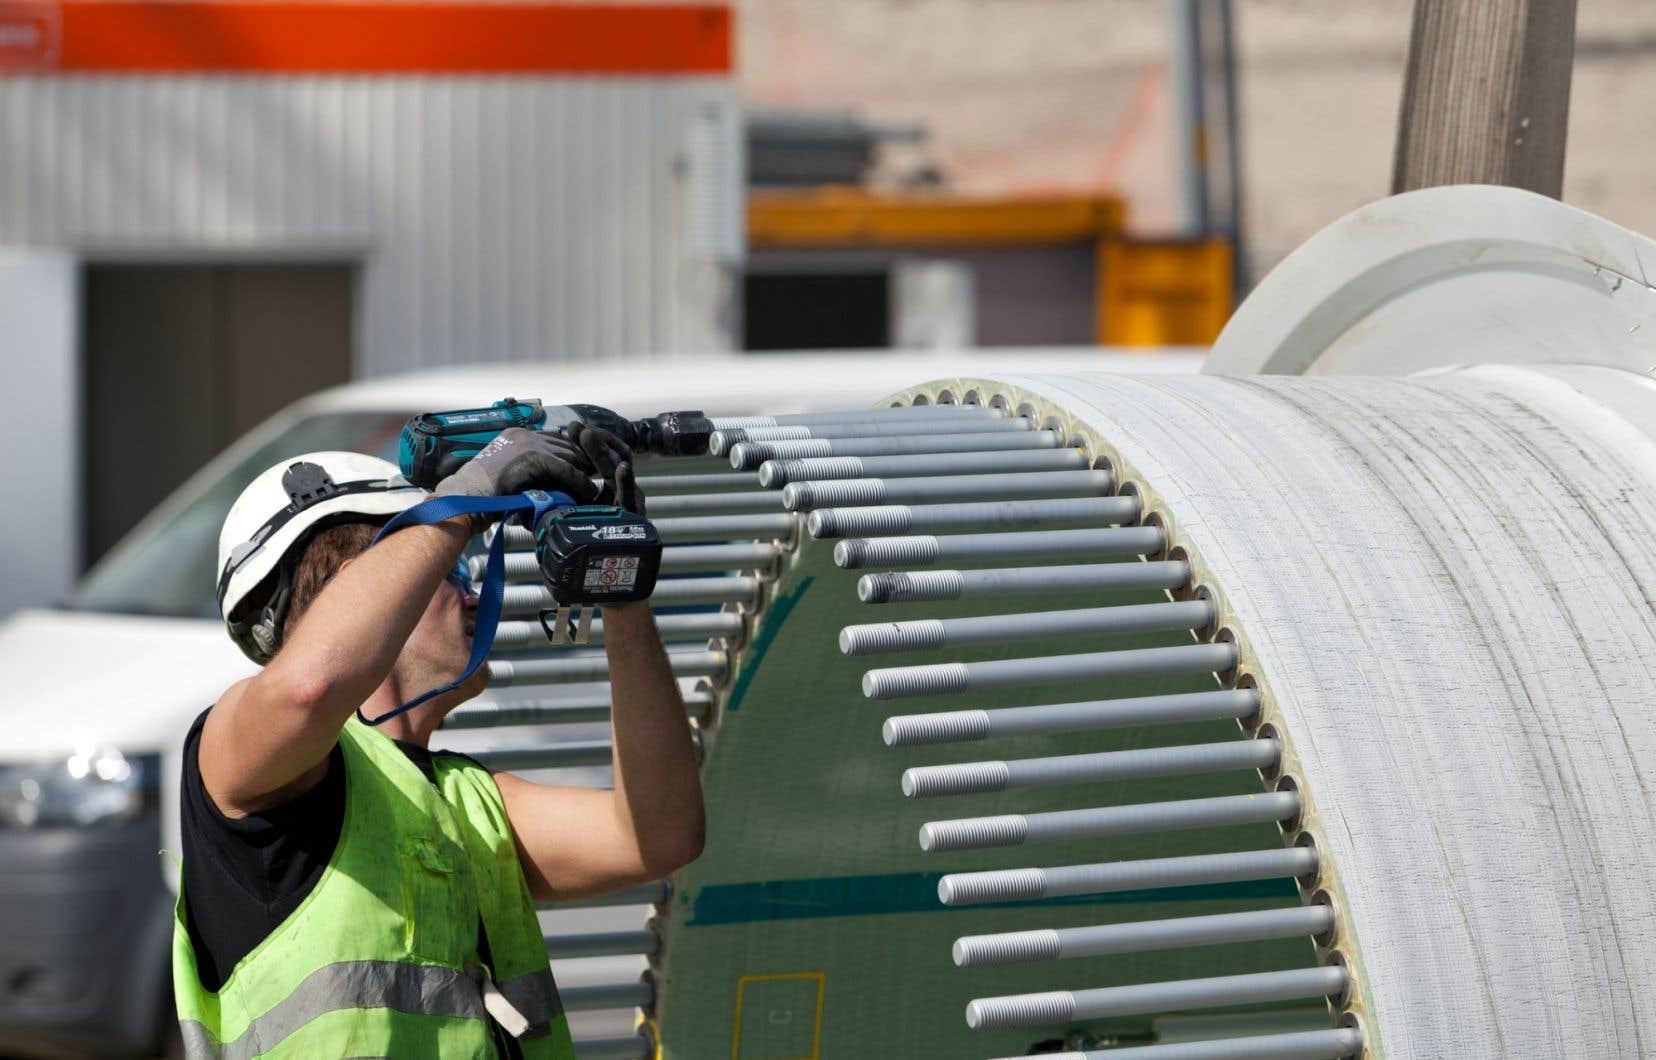 La filière éolienne s'est développée grâce à quatre appels d'offres lancés entre 2003 et 2013.